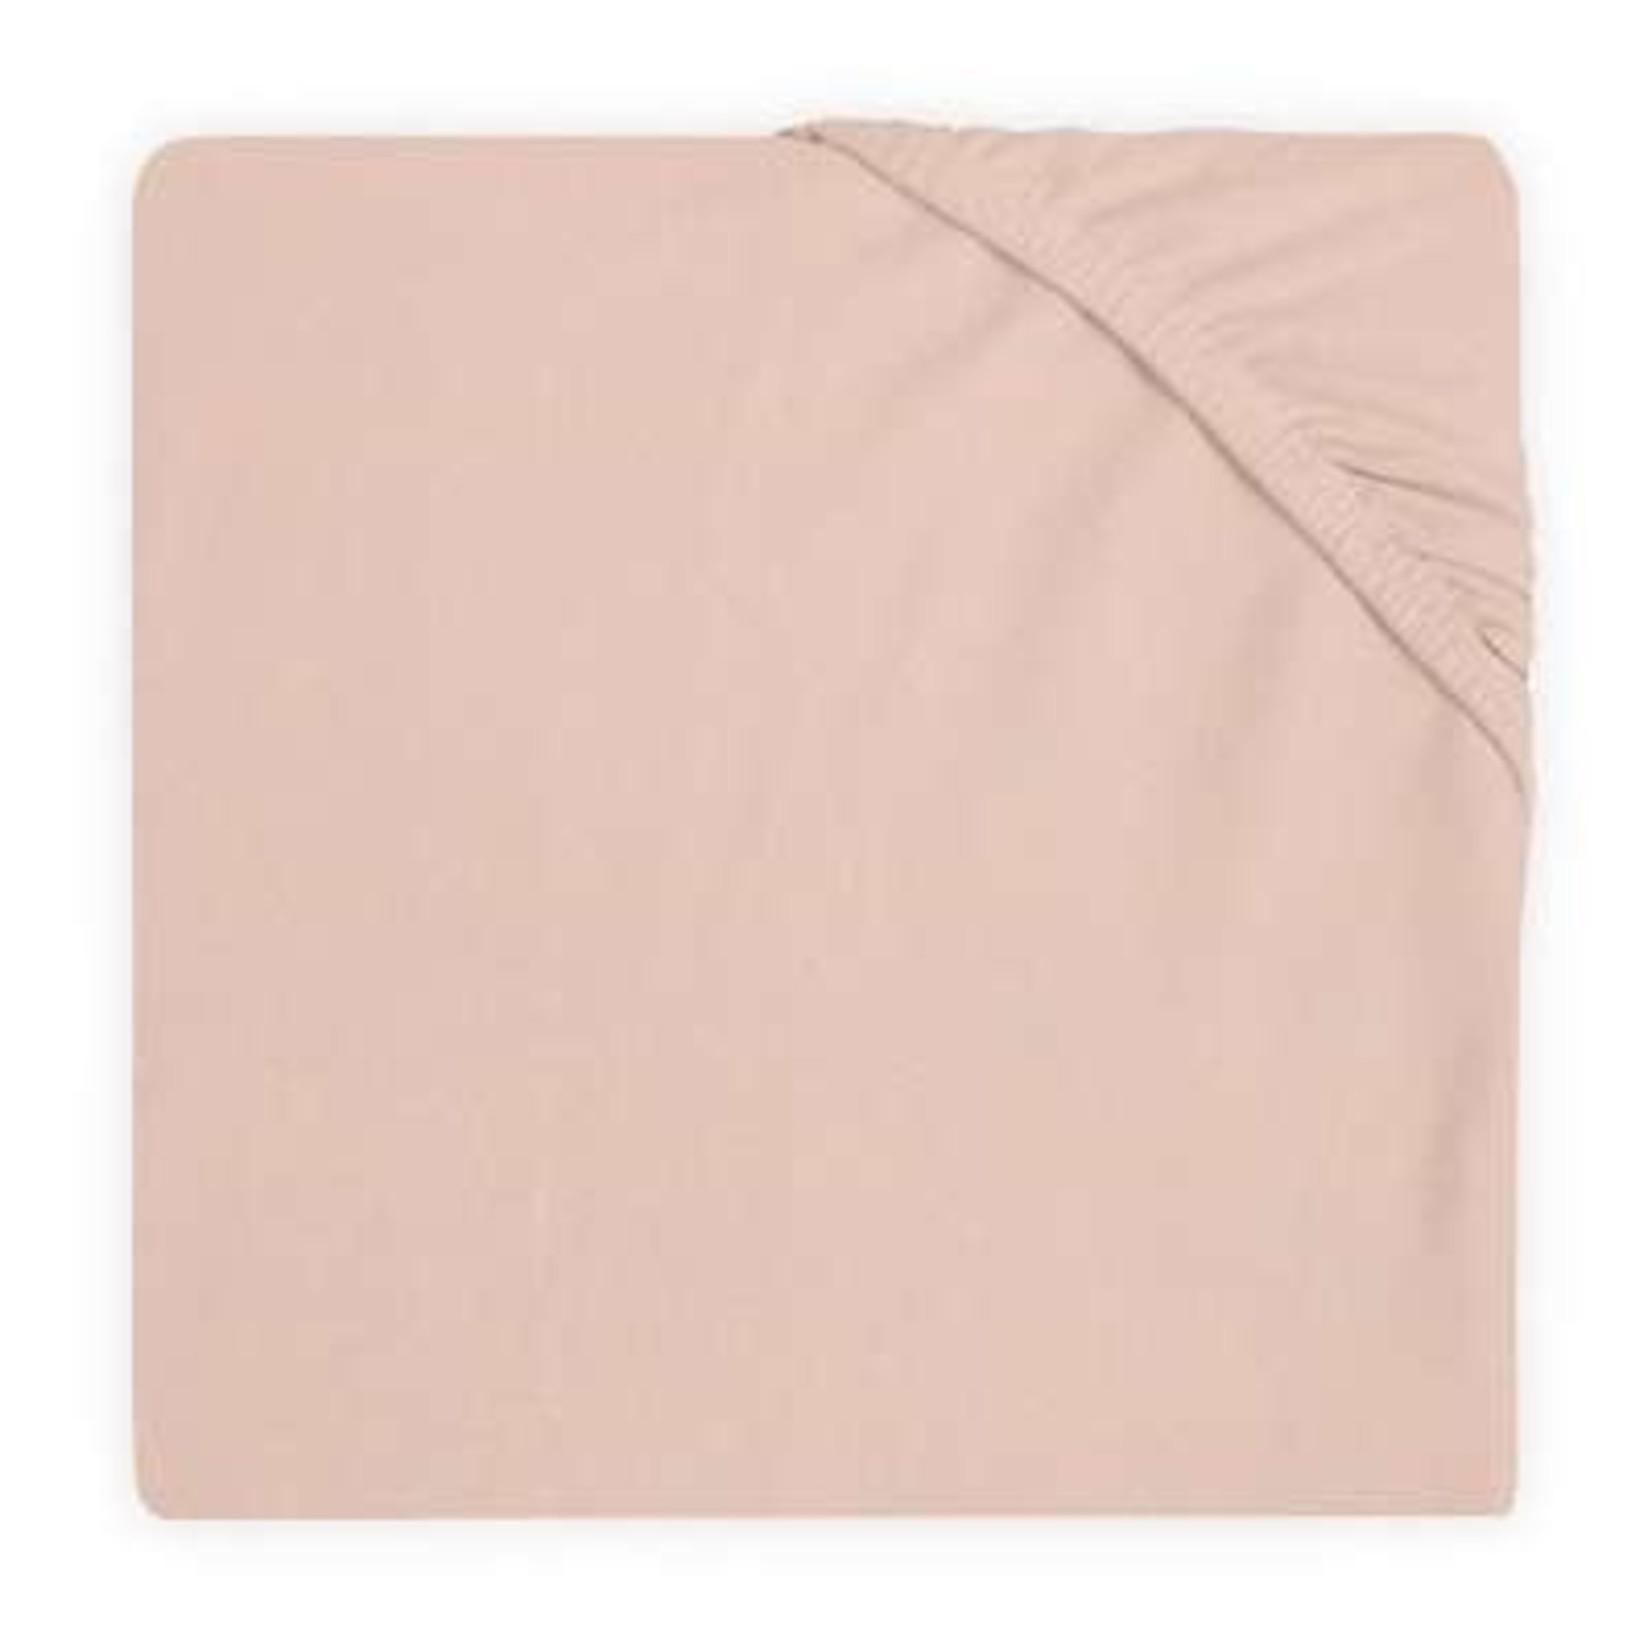 Jollein Jollein Hoeslaken Jersey 60X120cm Pale pink